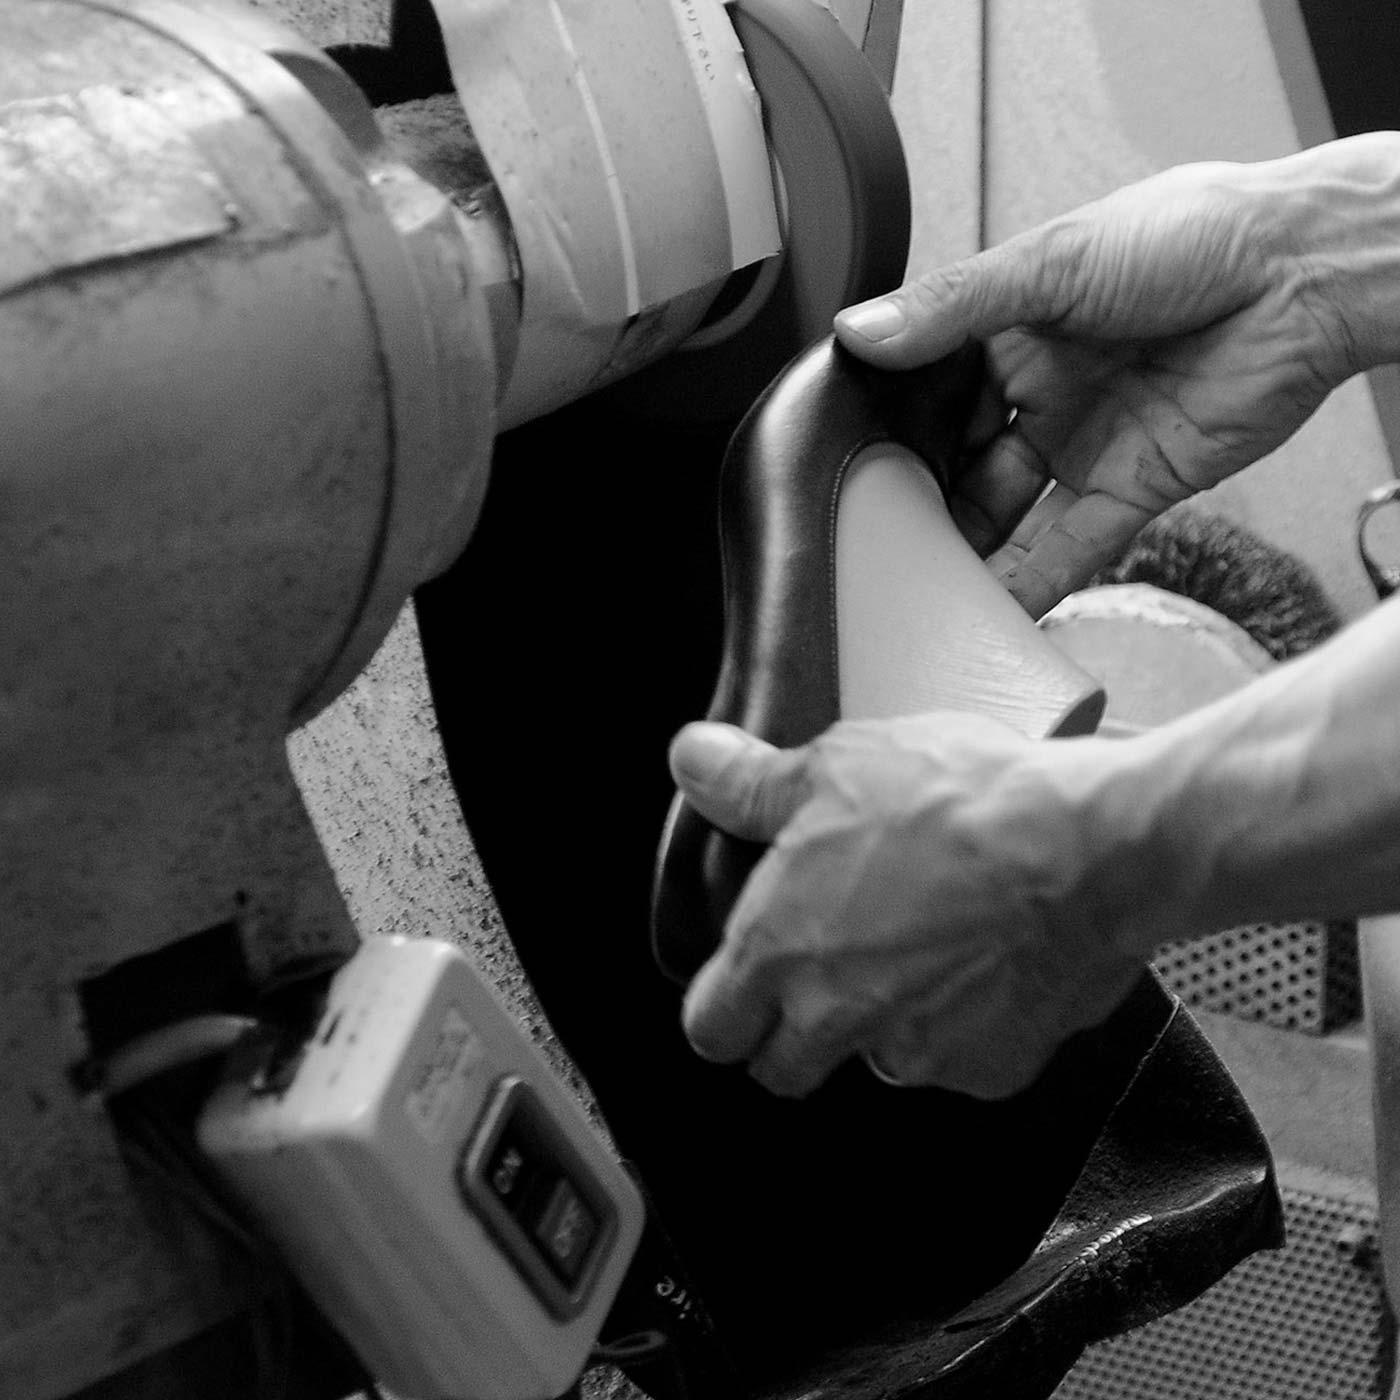 靴底の接着面の革を削る「バフ」という作業。その後のソールと本体の接着は熟練の職人がひとつずつ仕上げます。